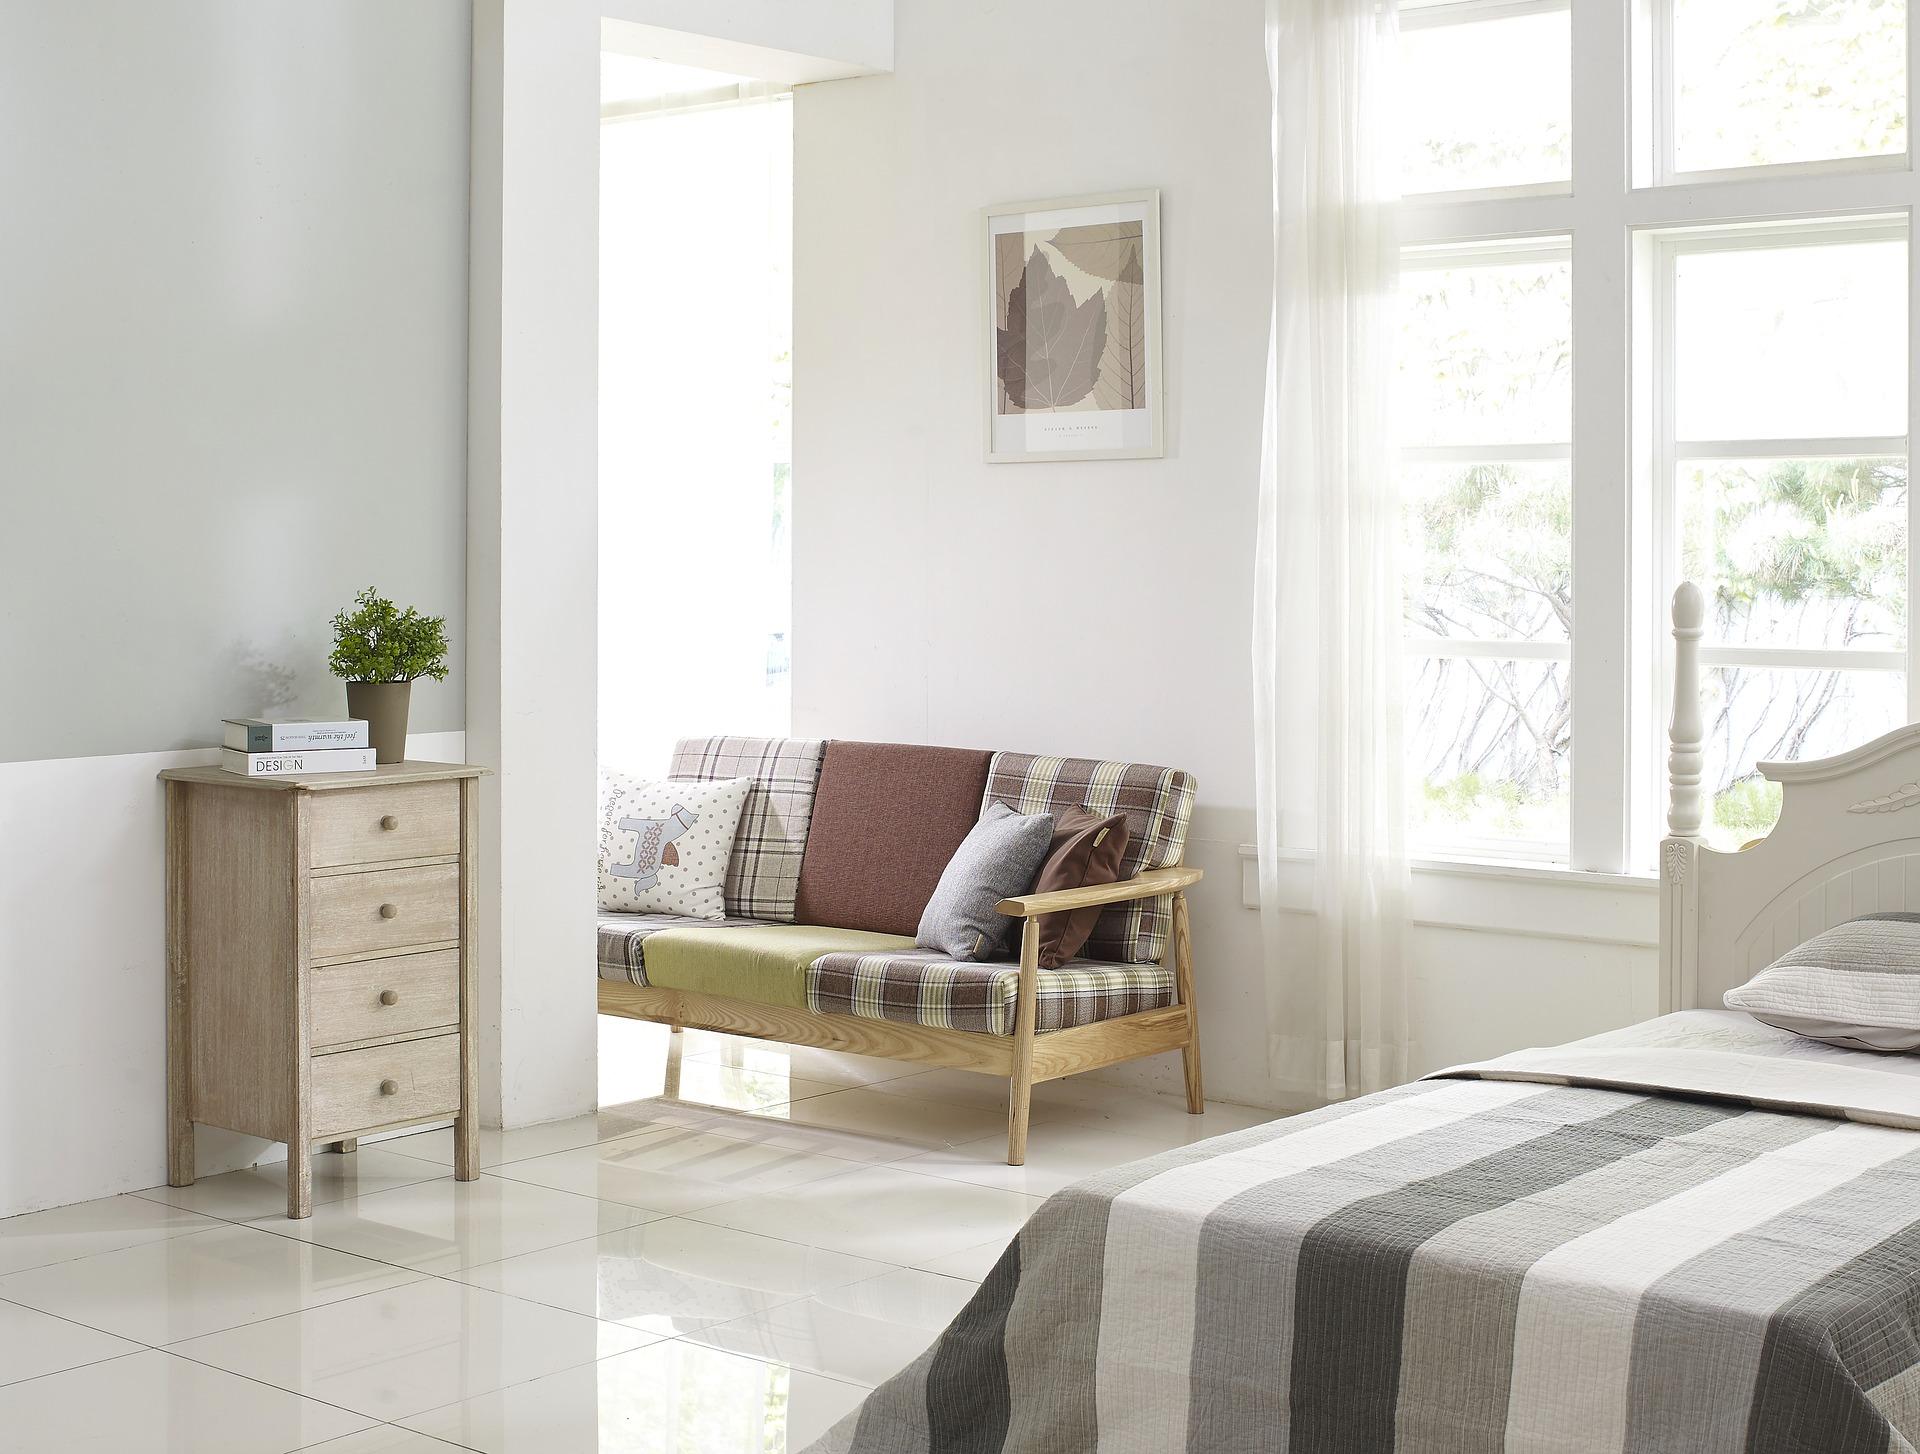 ミニマリストにベッドはいらない?寝具やマットレスの選び方や断捨離のコツ!